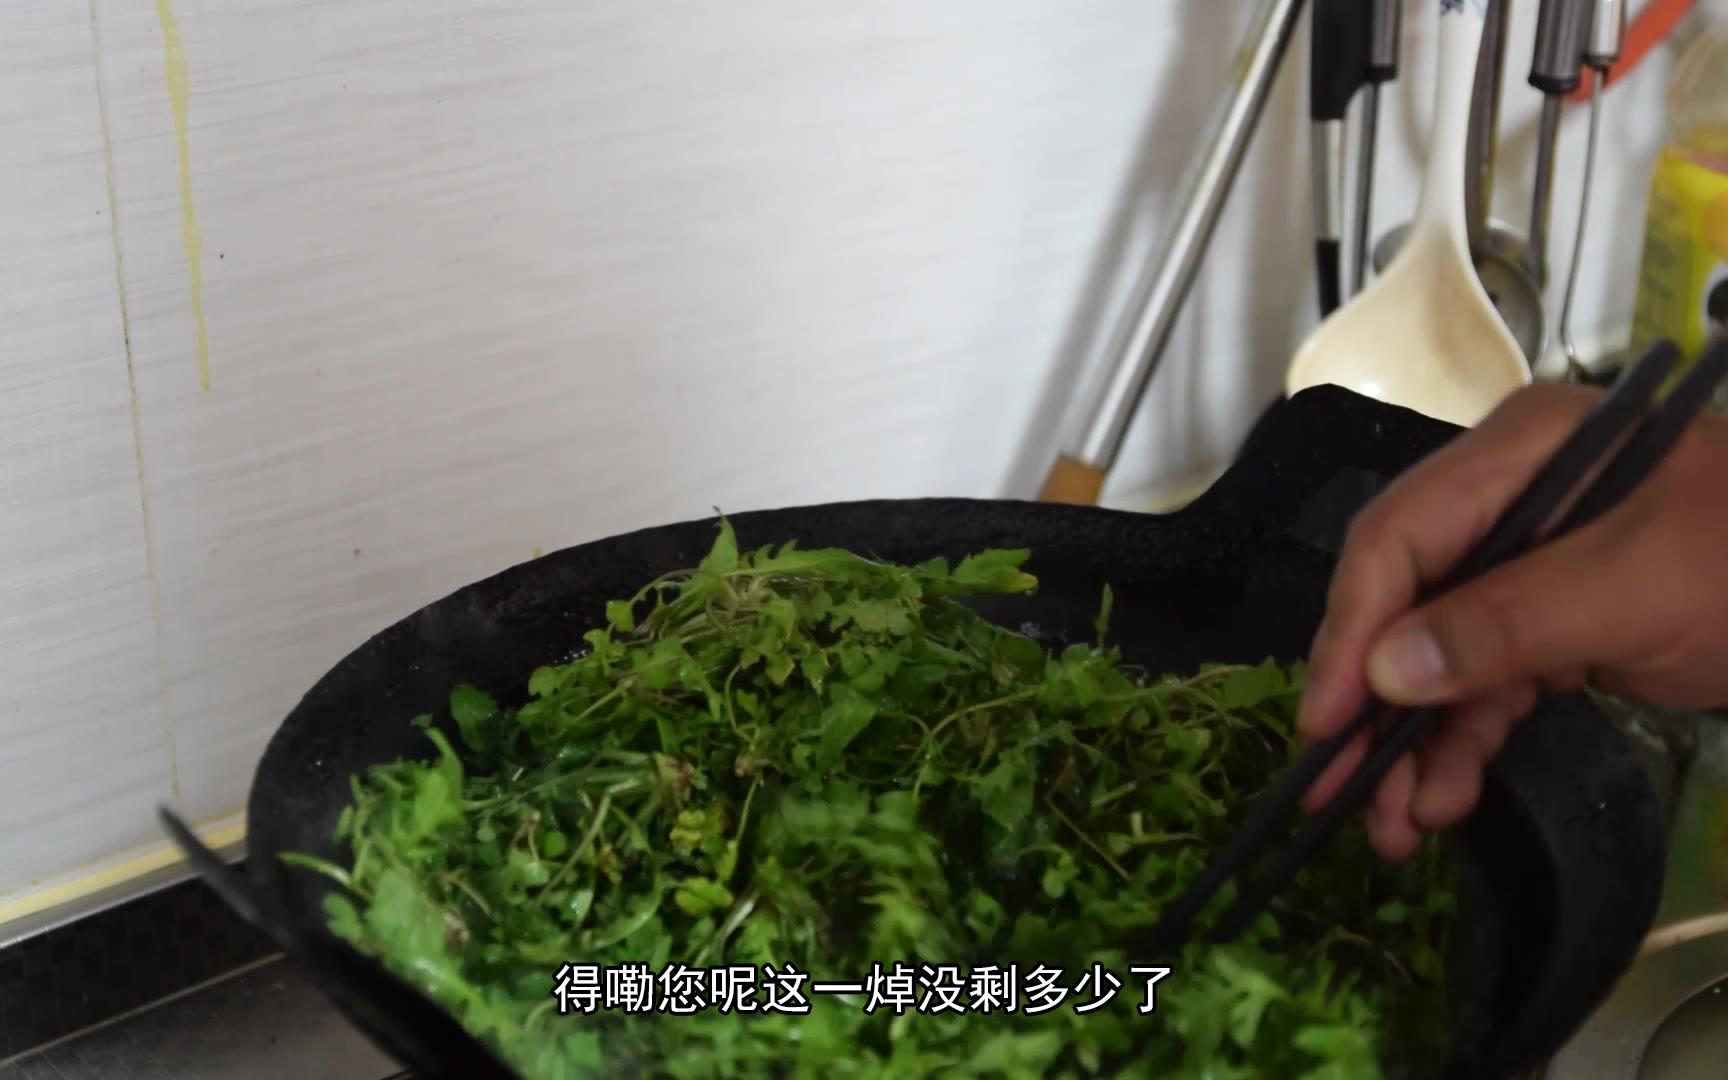 纯天然无污染的秦岭荠荠菜,品尝春天的味道